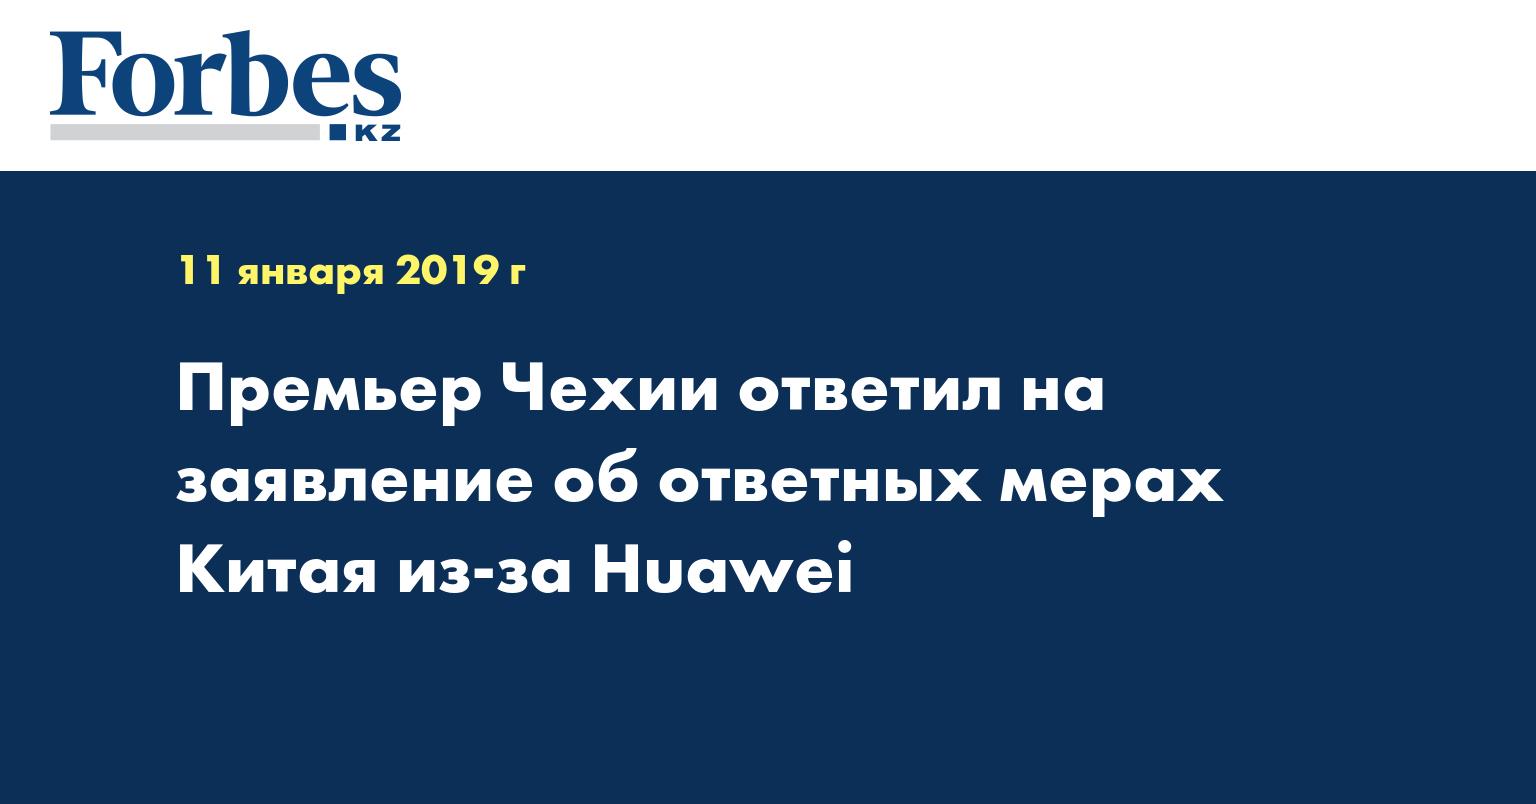 Премьер Чехии ответил на заявление об ответных мерах Китая из-за Huawei